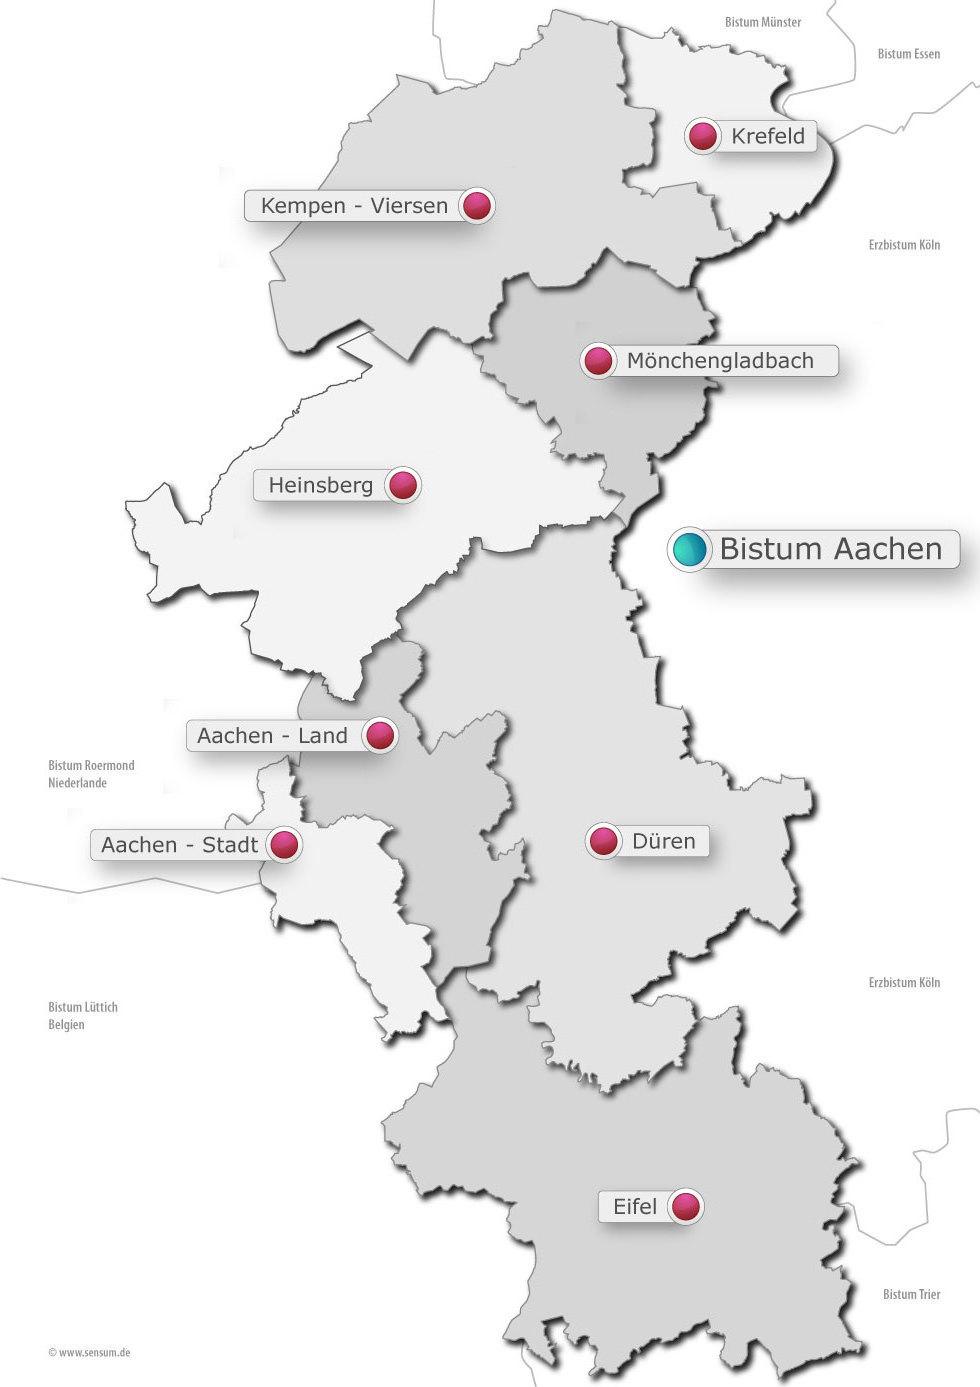 Uberblick Bistum Aachen